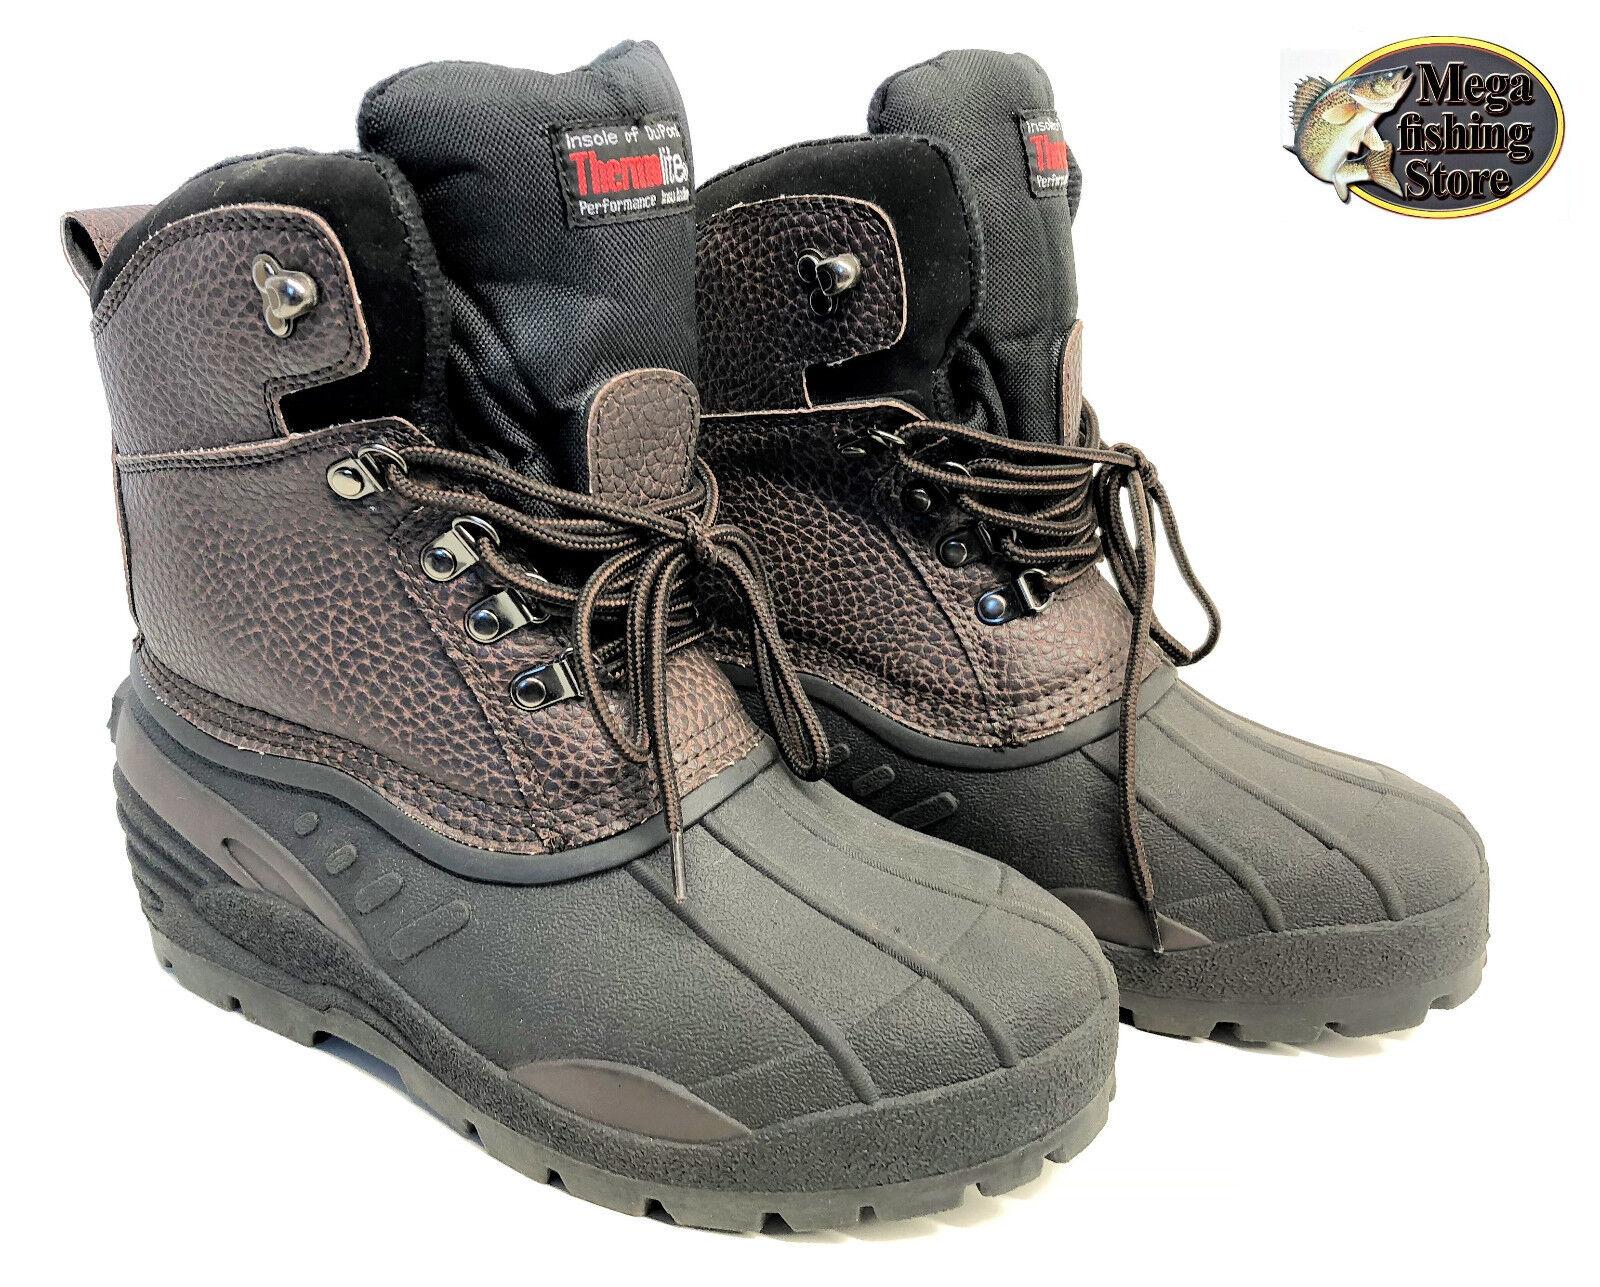 Cormoran astro Thermo Al aire  libre botas de invierno thermobotas angel botas talla 40-46  tienda en linea